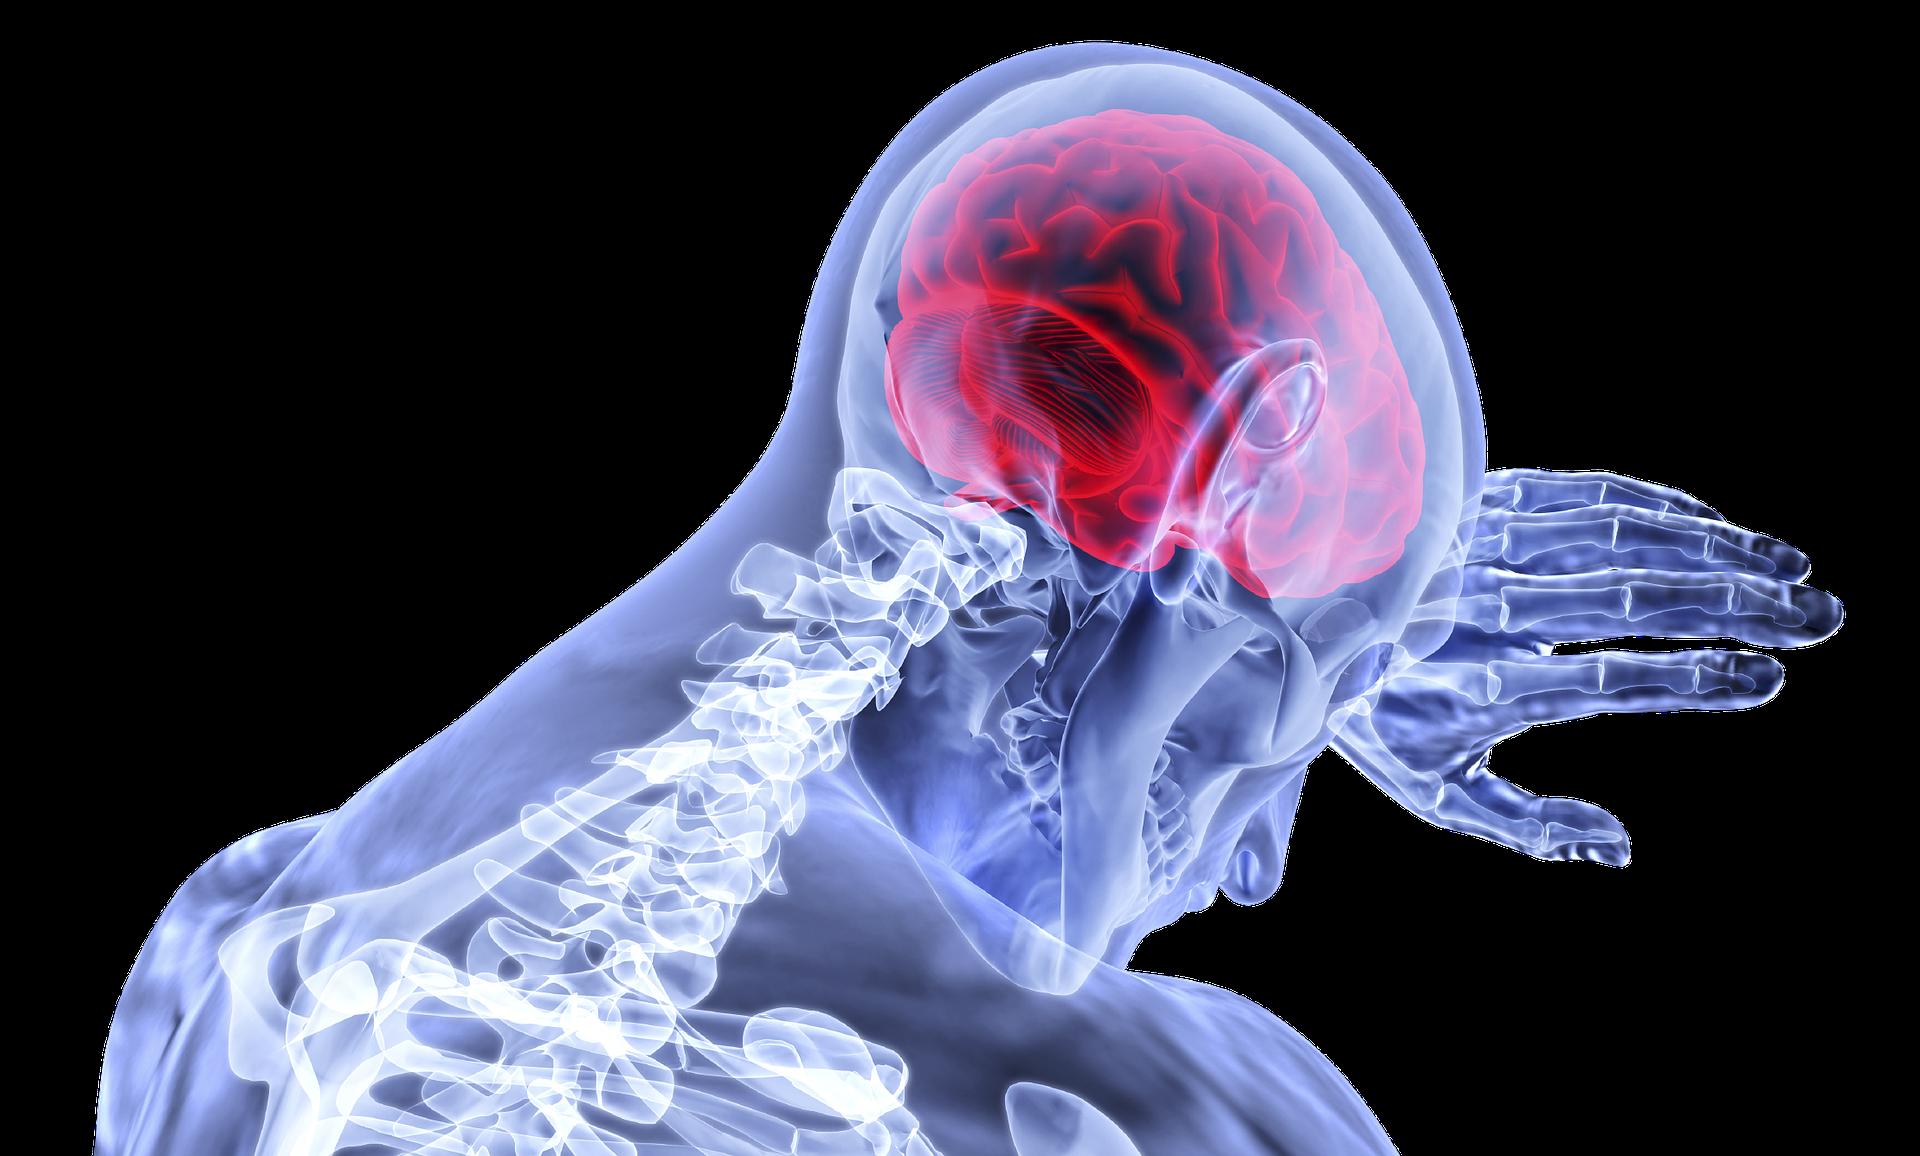 Mal de tête, Migraine, Ostéopathe Marseille 13013 - Tiphanie Cazeaux